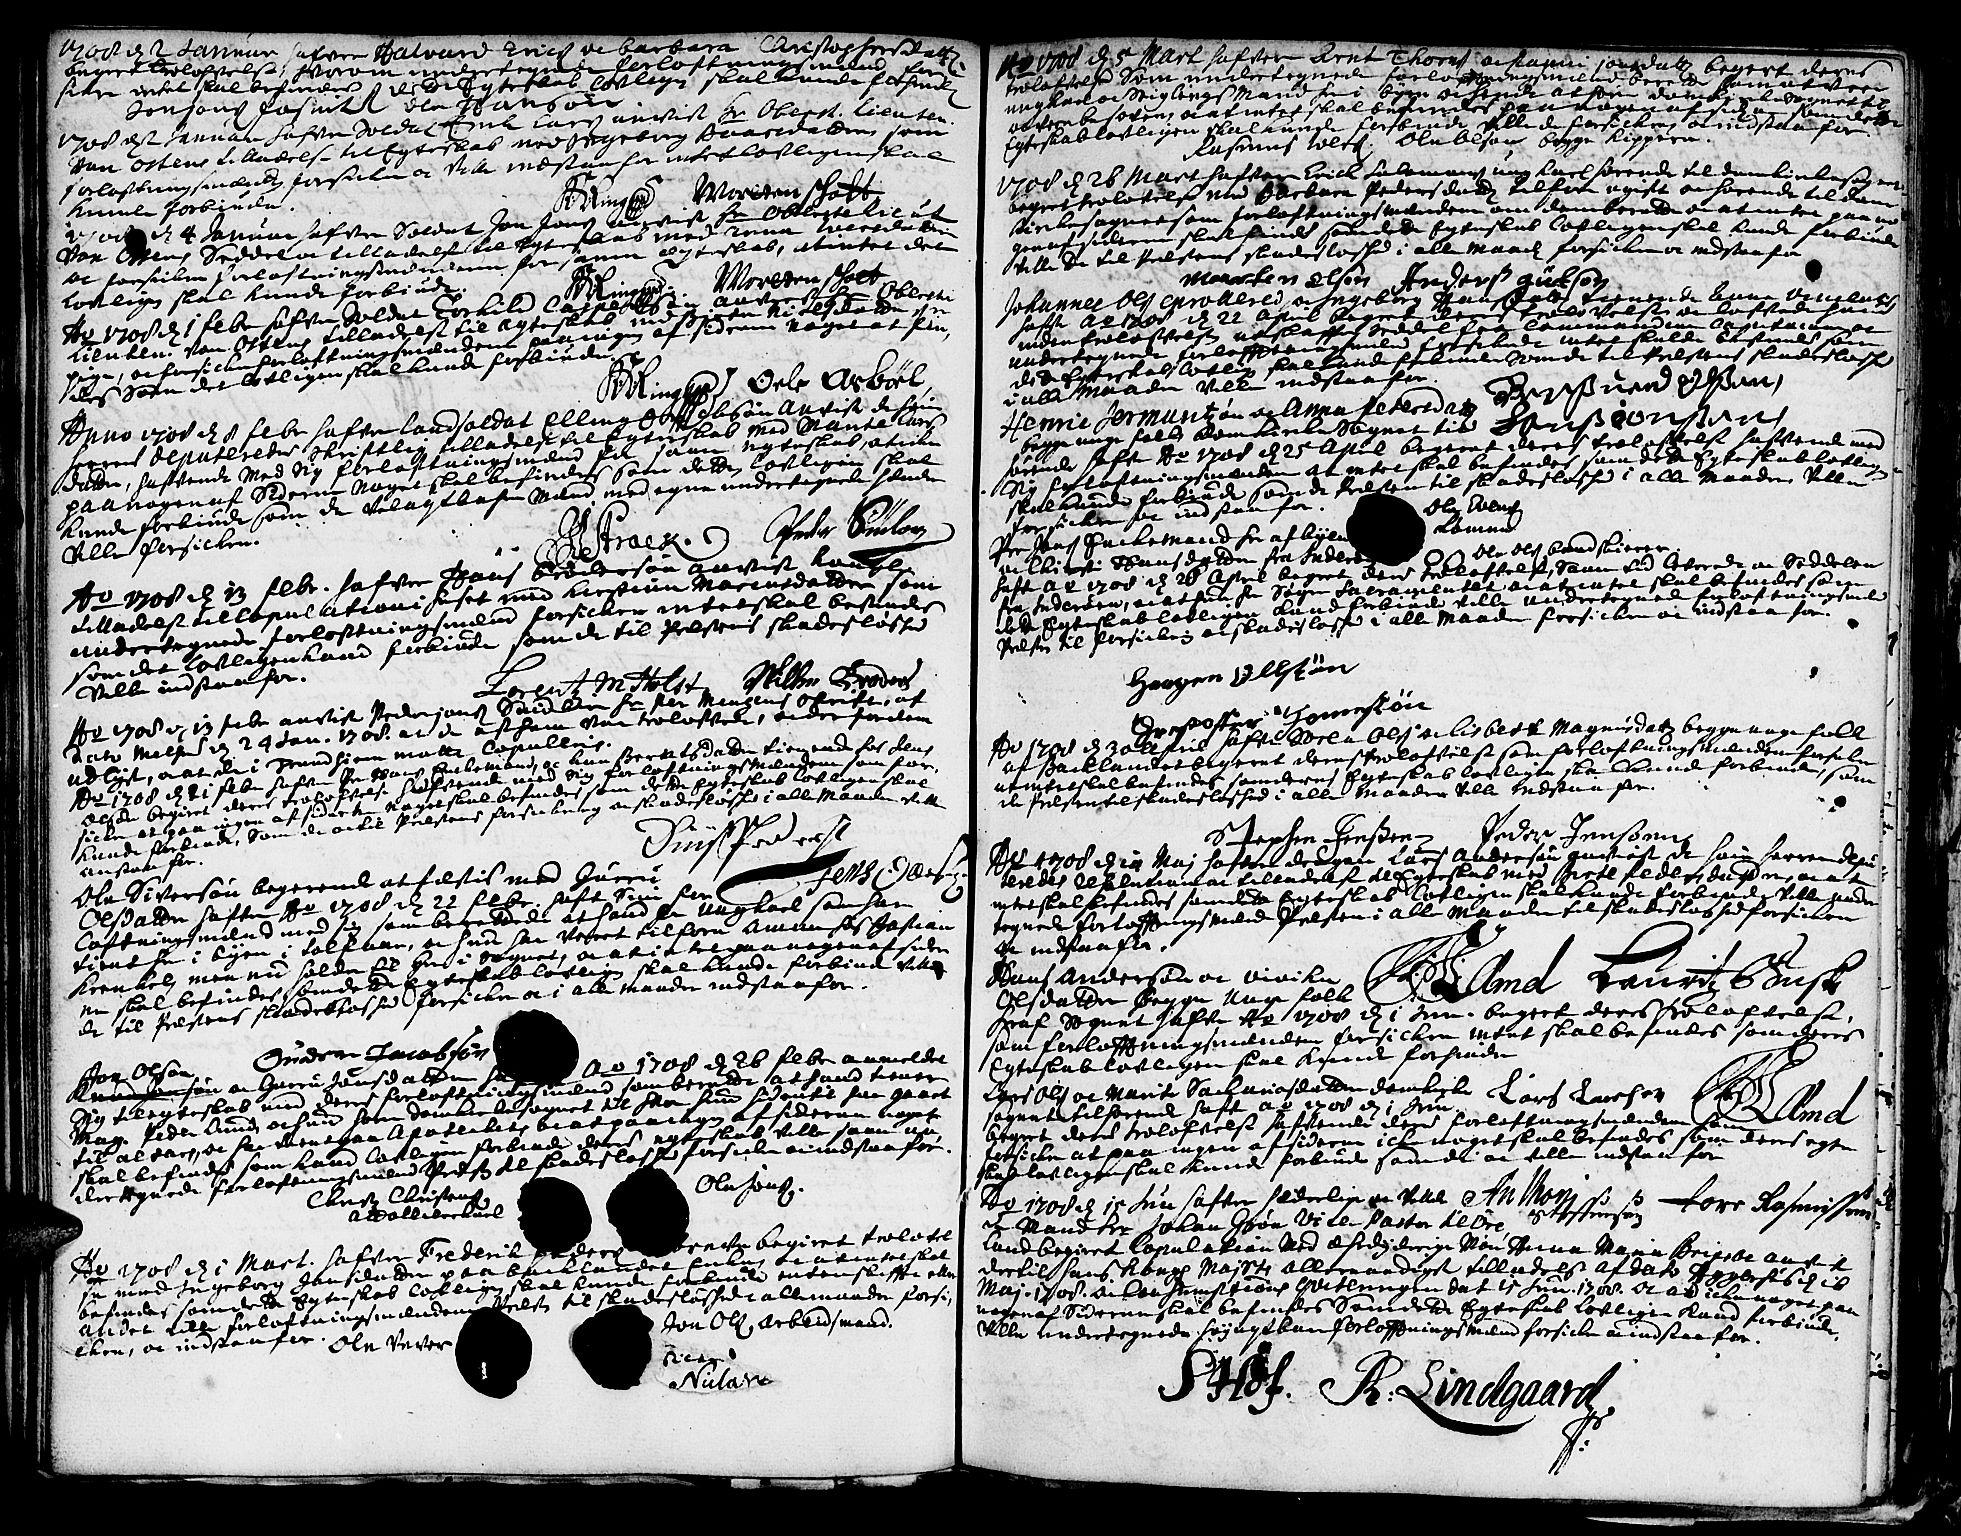 SAT, Ministerialprotokoller, klokkerbøker og fødselsregistre - Sør-Trøndelag, 601/L0033: Ministerialbok nr. 601A01, 1679-1728